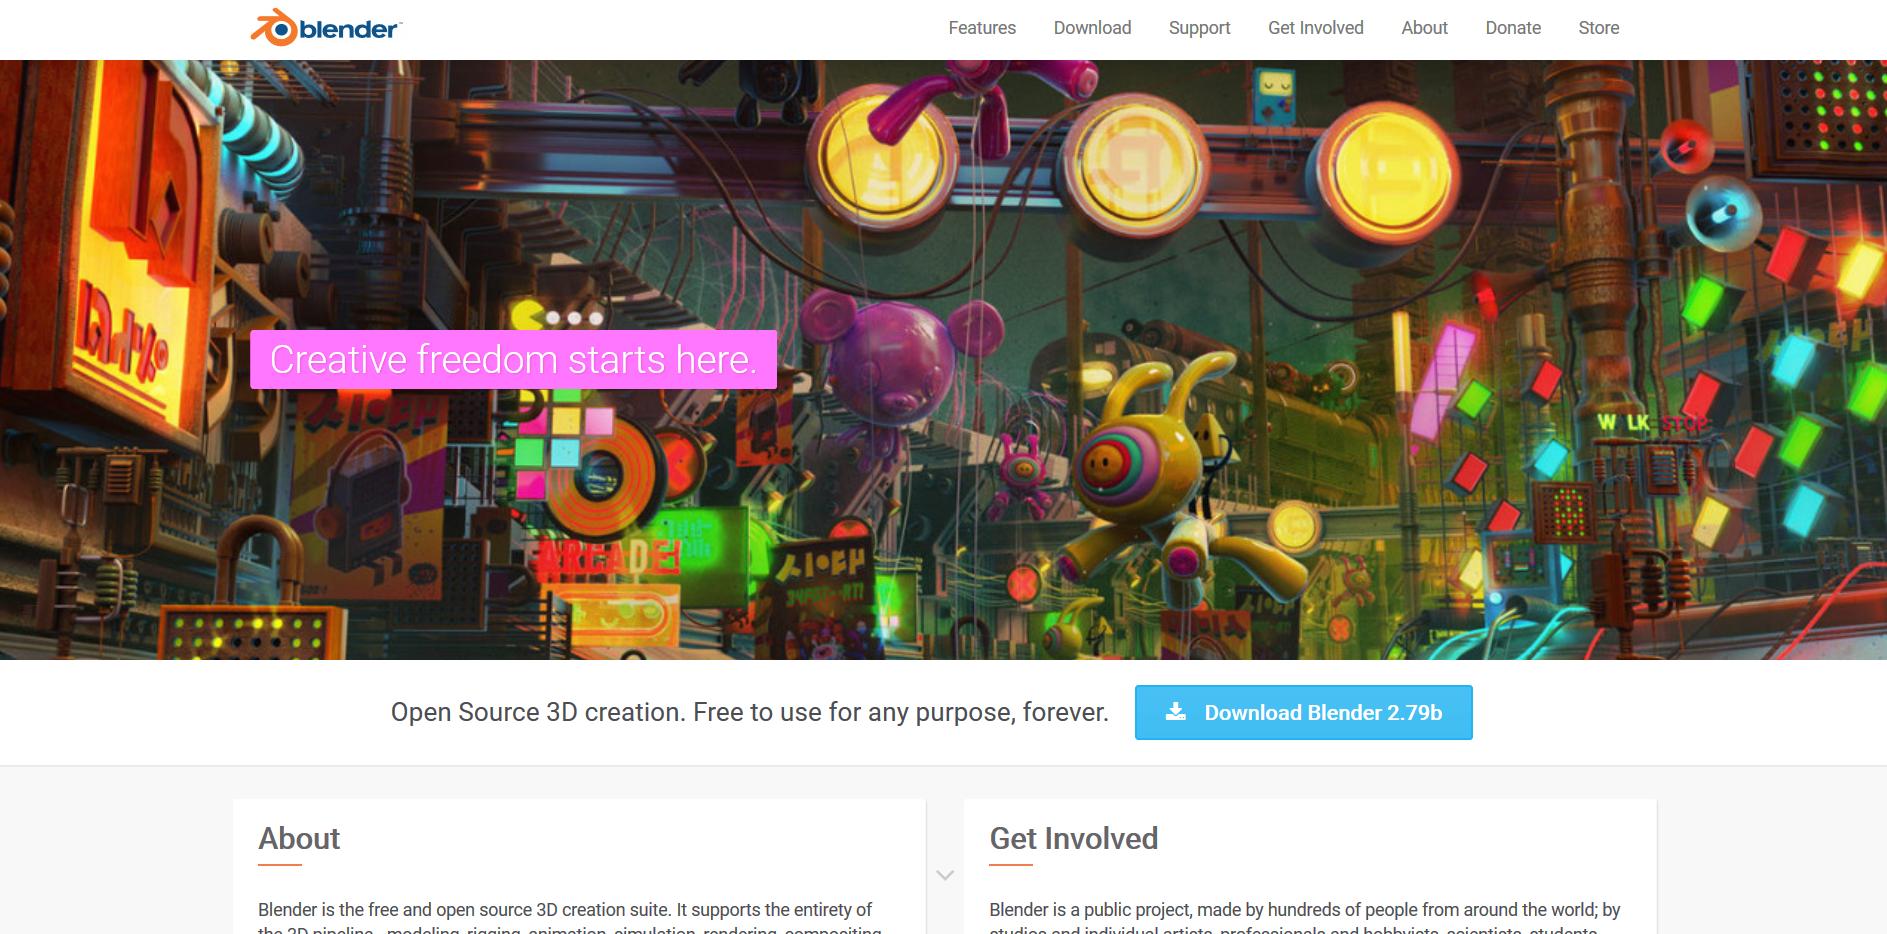 Die 3D Drucker Software Blender vorgestellt